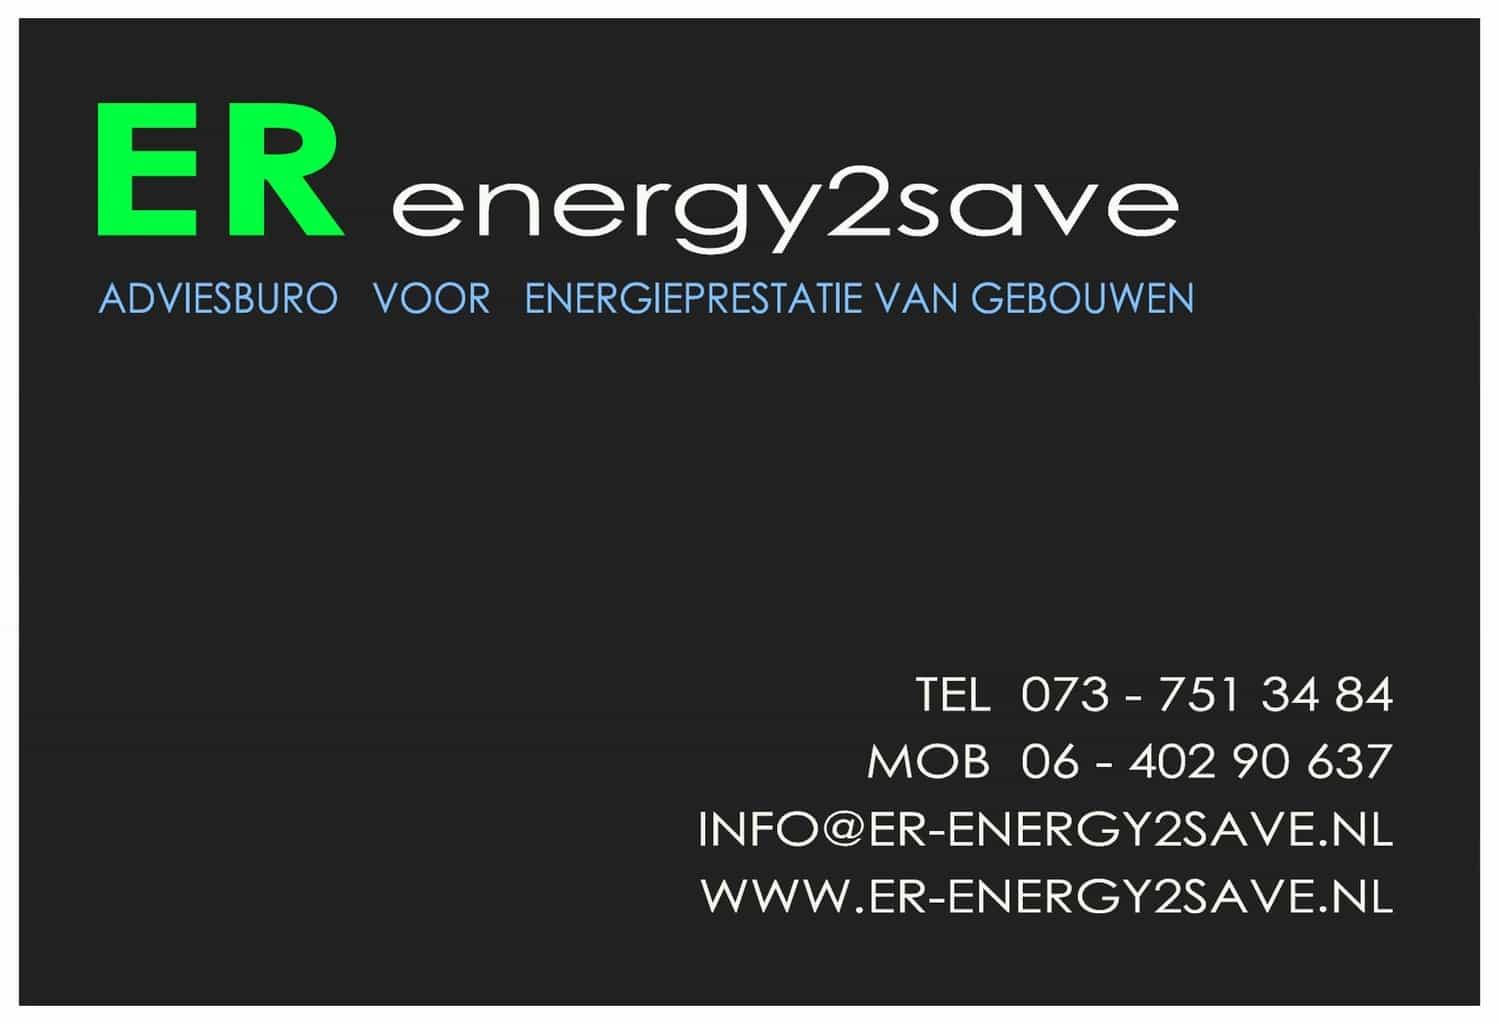 ER e2s - Visitekaart, voorzijde